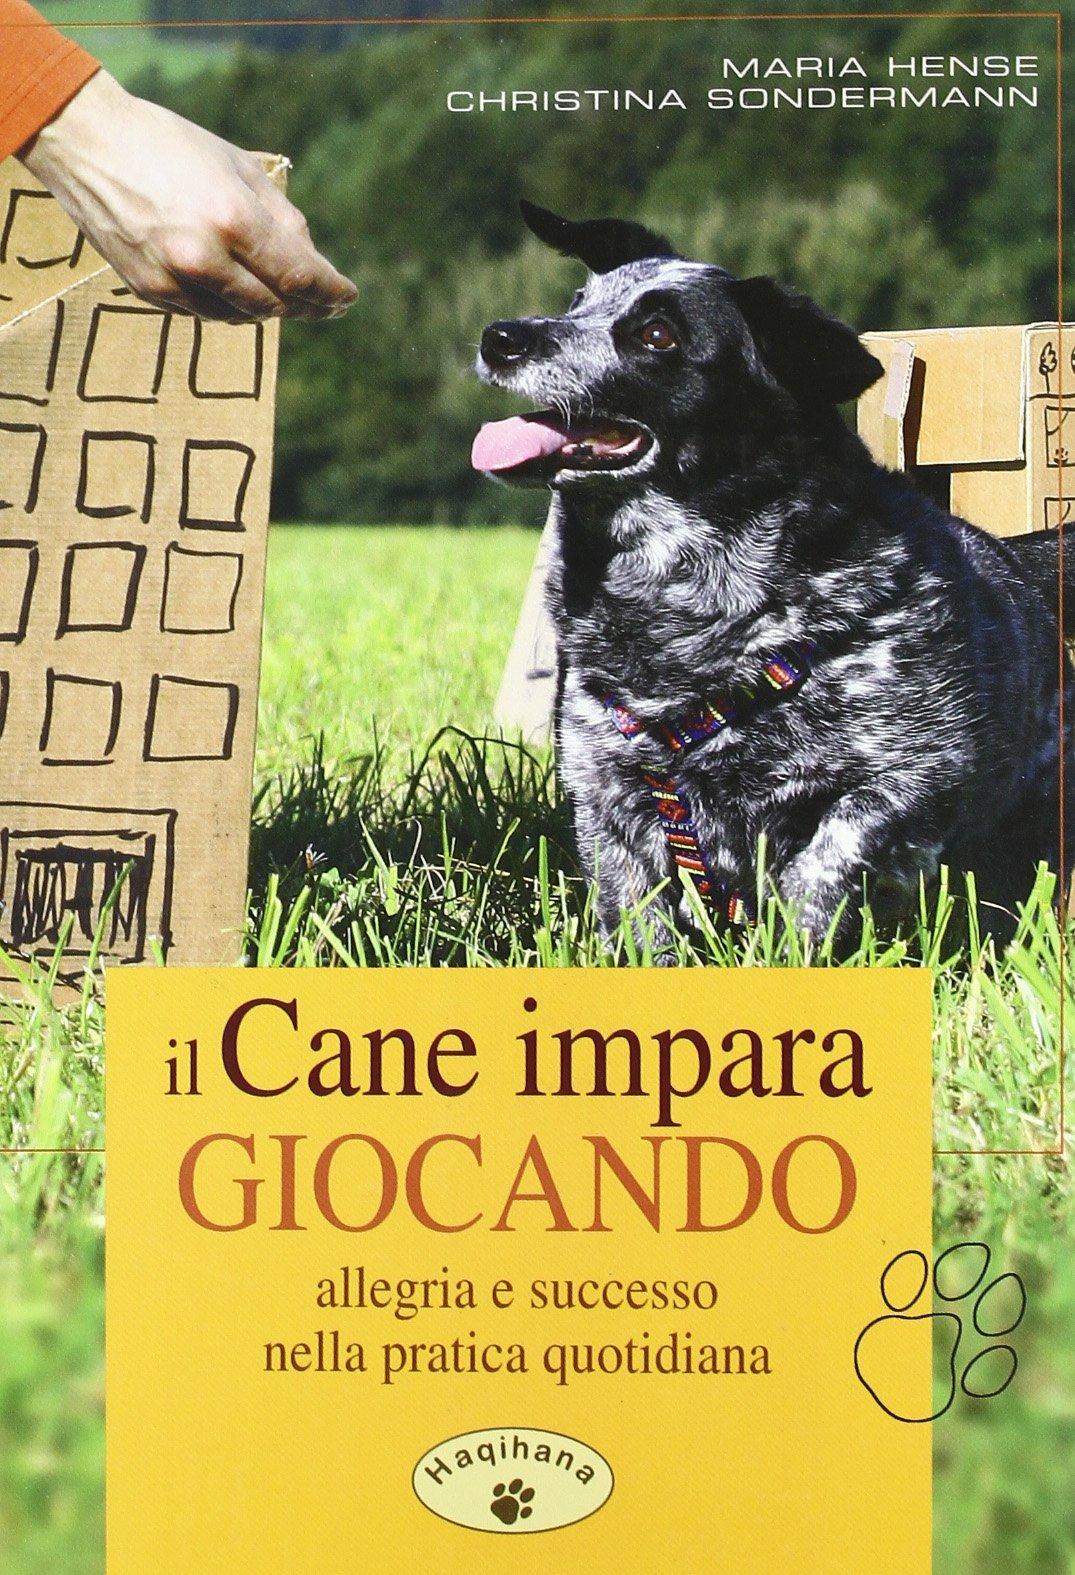 Il cane impara giocando. Allegria e successo nella pratica quotidiana Copertina flessibile – 31 ago 2009 Maria Hense Christina Sondermann L. Massaro R. Scaringi